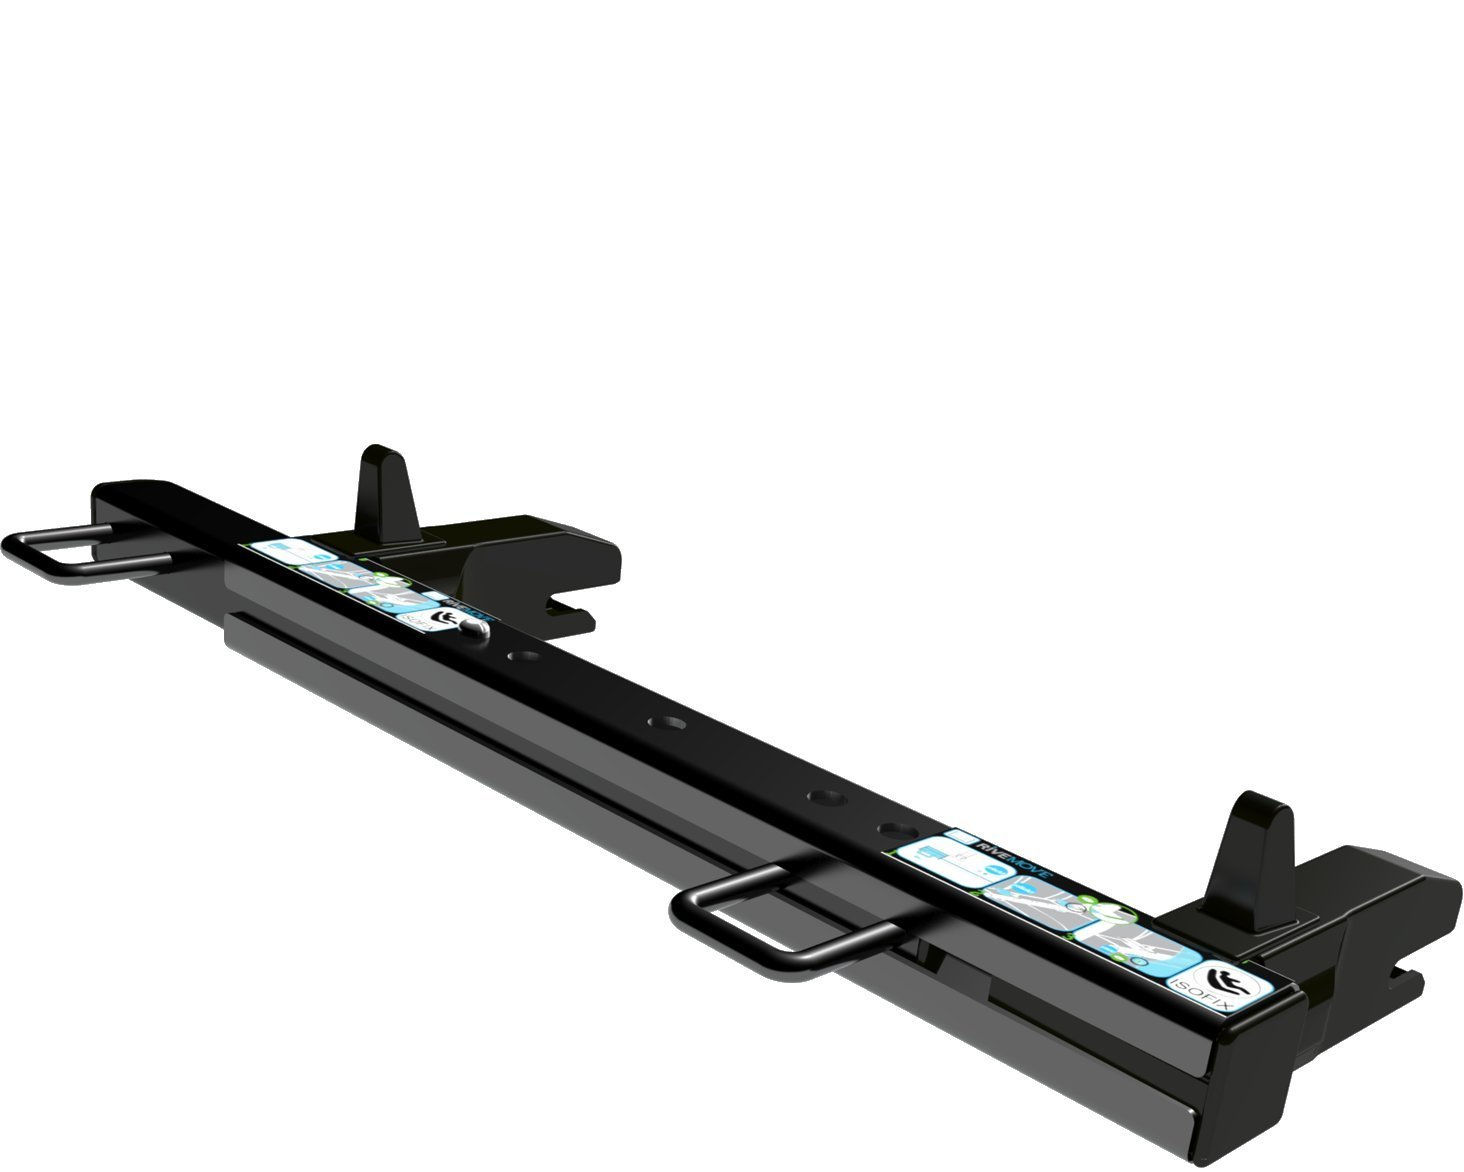 RiveMove Isofix-Verankerung Pack mit 1 St/ück Zubeh/ör f/ür Kinderautositz Ein Plus an Sicherheit und Raum